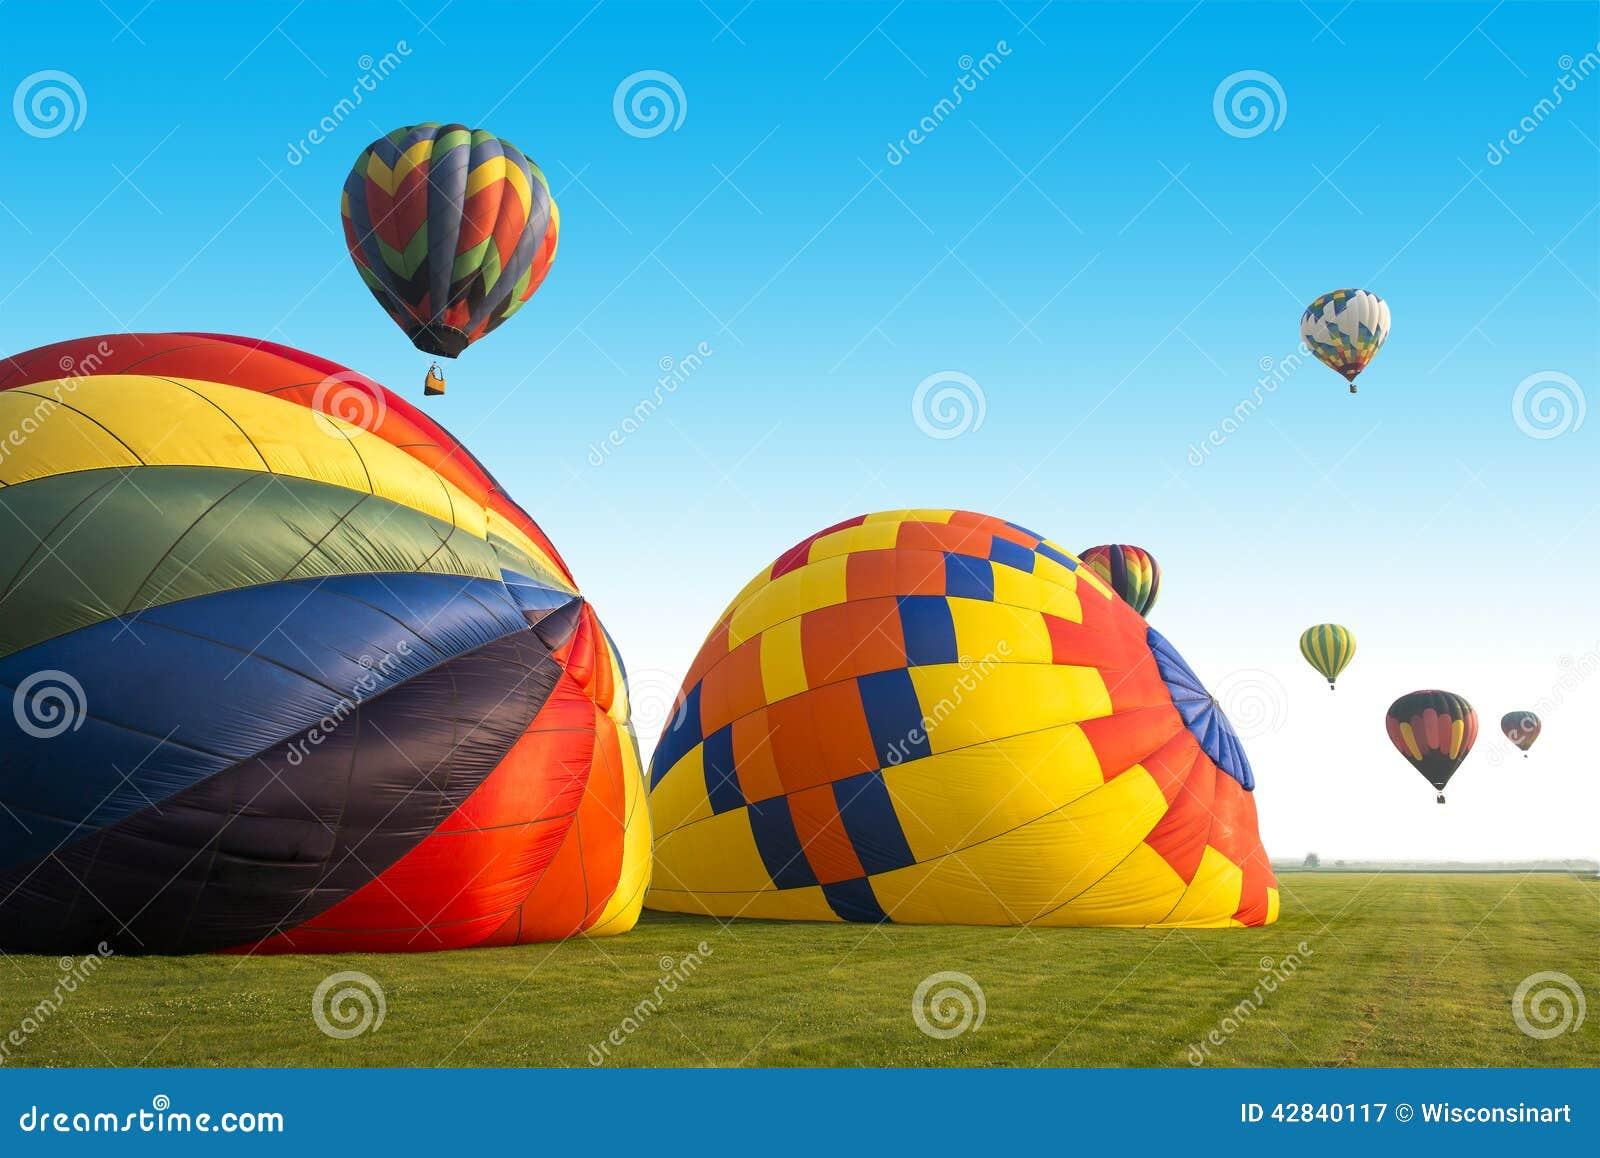 Kleur Veel Kleur : Hete luchtballon of ballons veel kleuren stock afbeelding